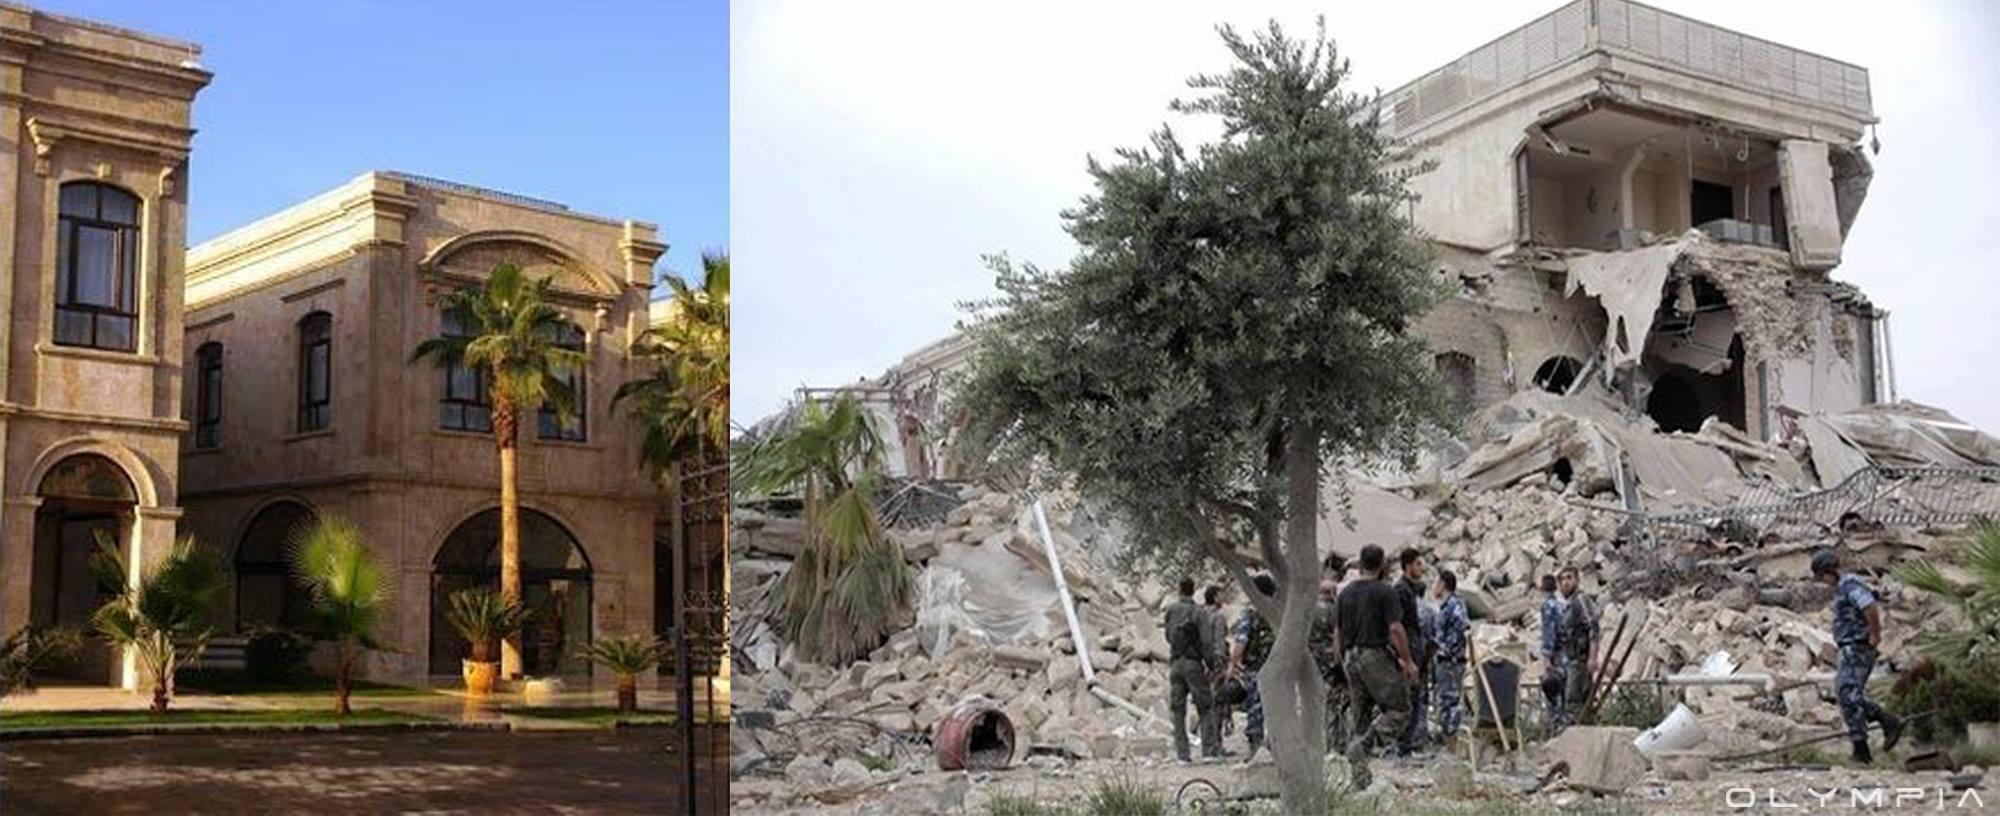 syria 24 image